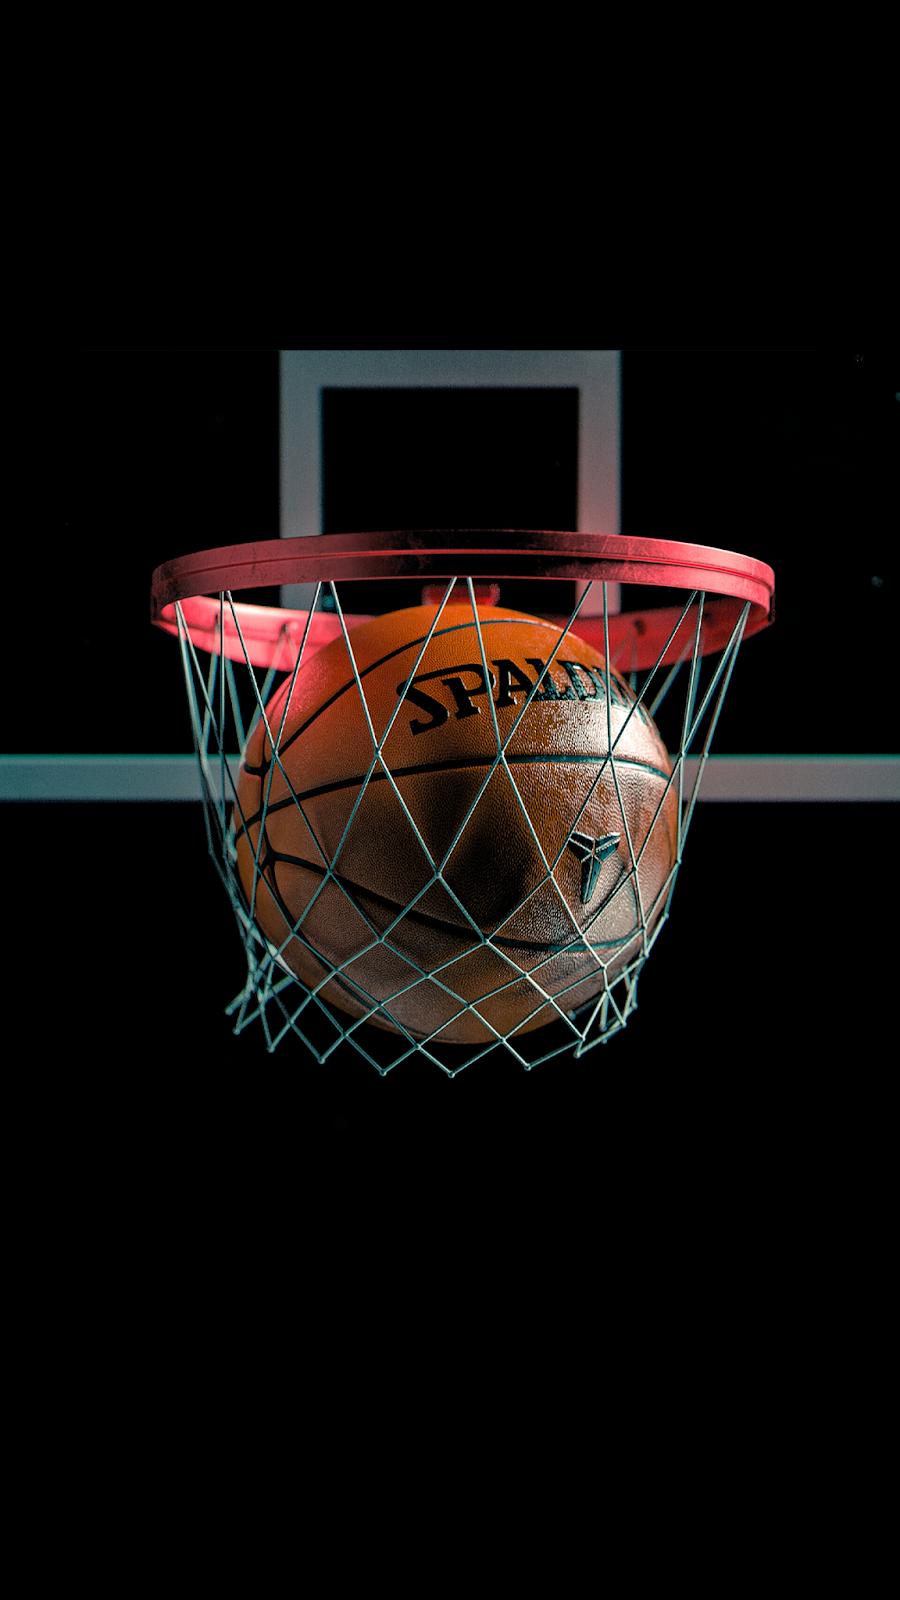 Kobe Basket Amoled Wallpaper For Mobile In 2020 Basketball Wallpaper Cool Wallpapers For Phones Kobe Bryant Wallpaper